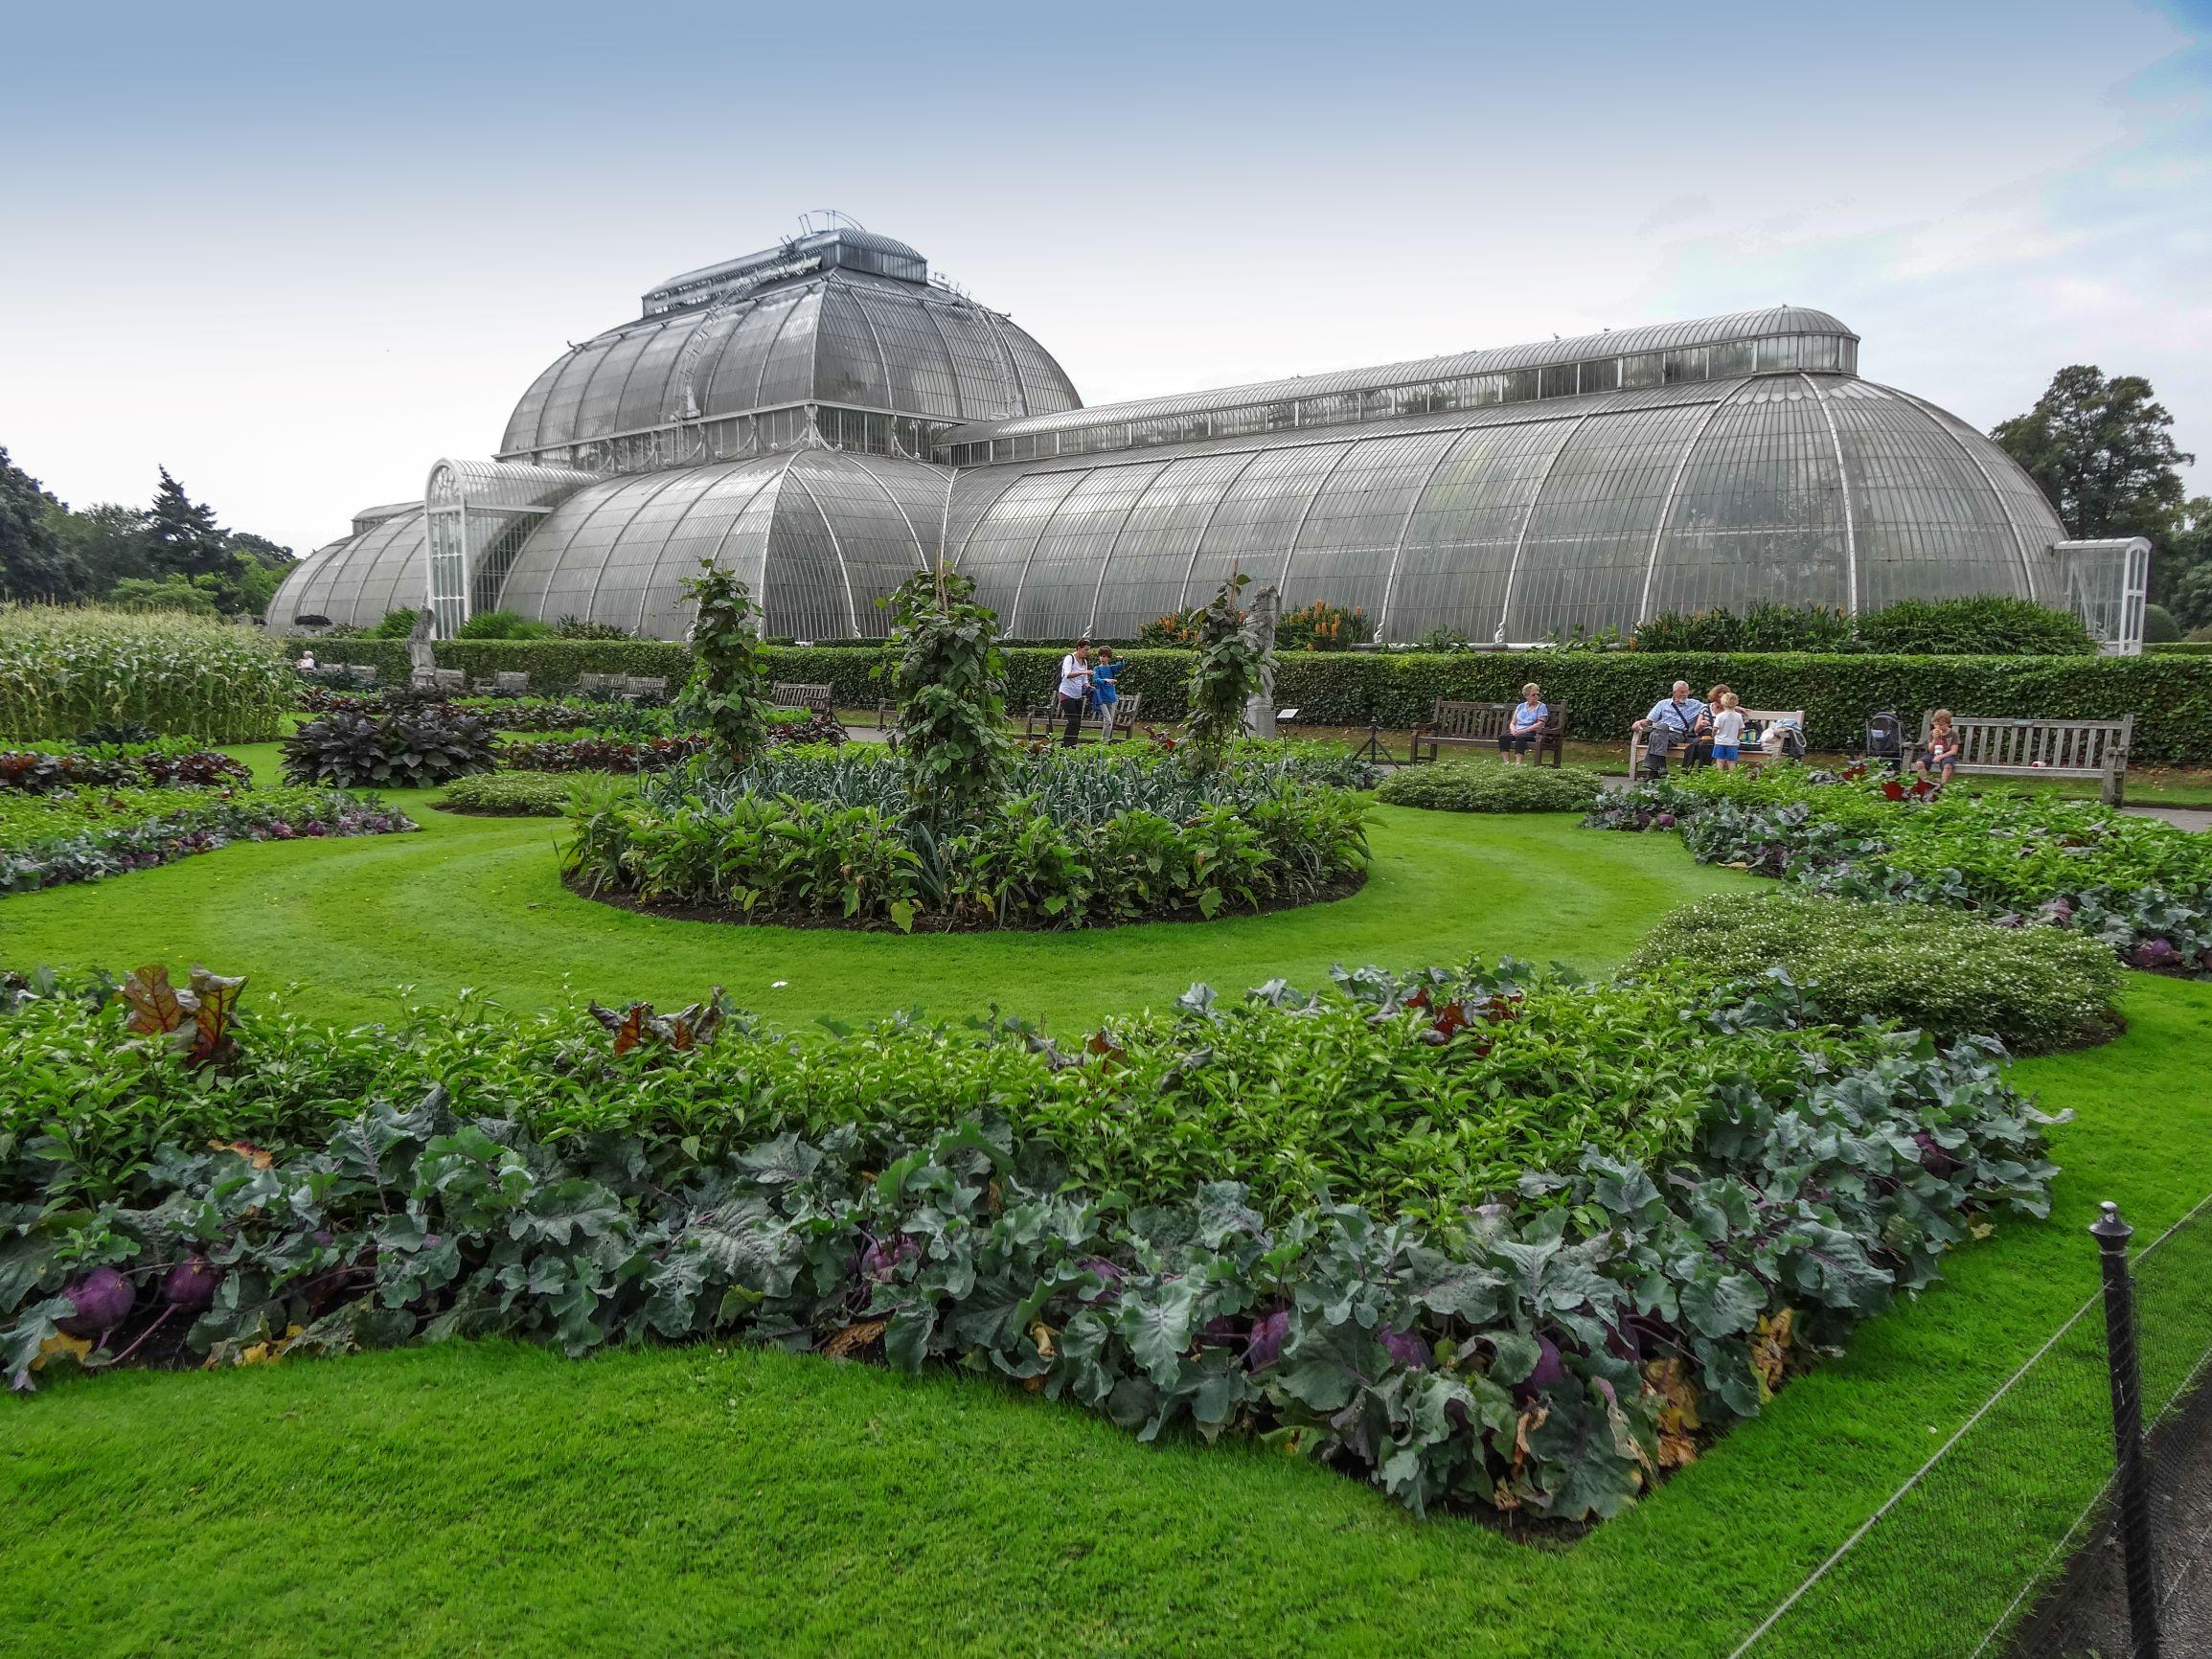 Image of Kew Gardens